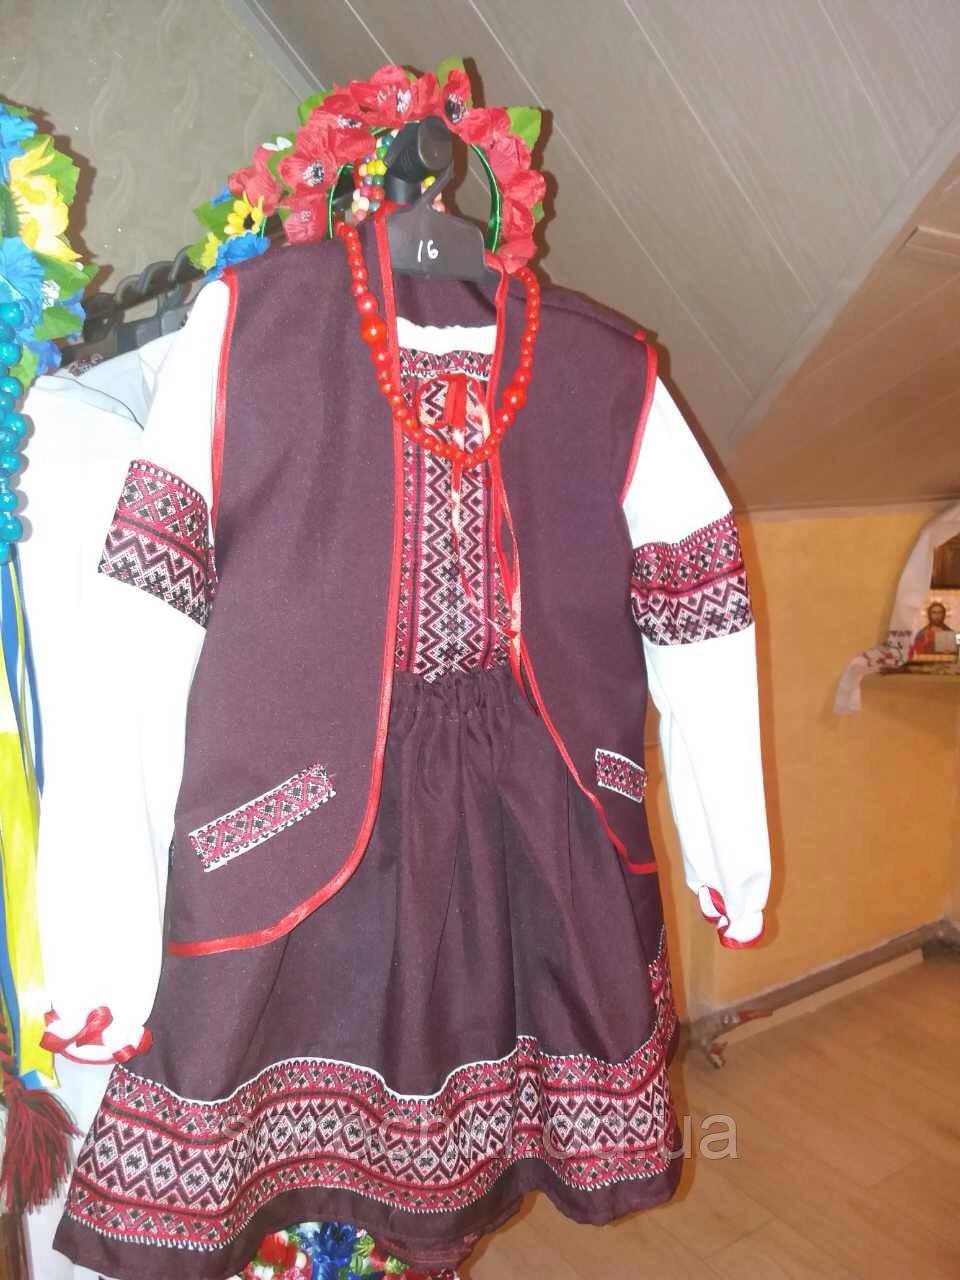 Костюм для девочки с вышивкой , тройка , блузка поплин белая, жилетка и юбка габардин, прокат